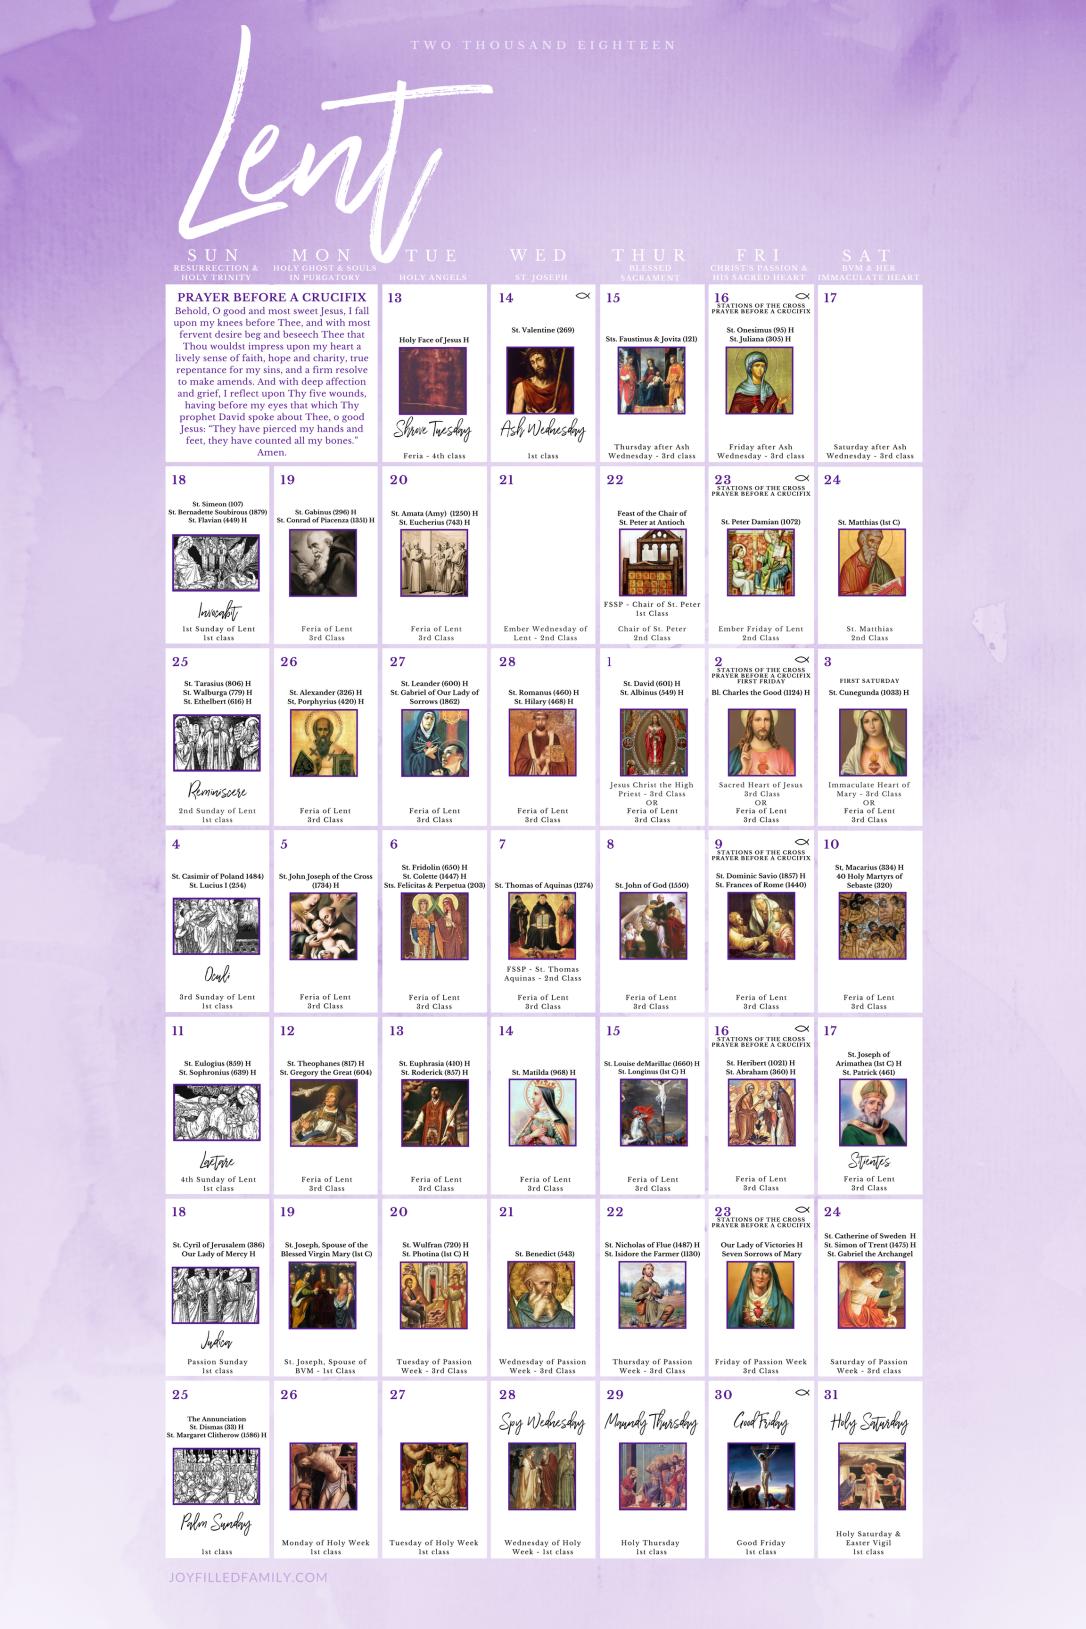 Lenten Calendar 2018 - 2.14.18 - 3.31.18 - JOYfilledfamily